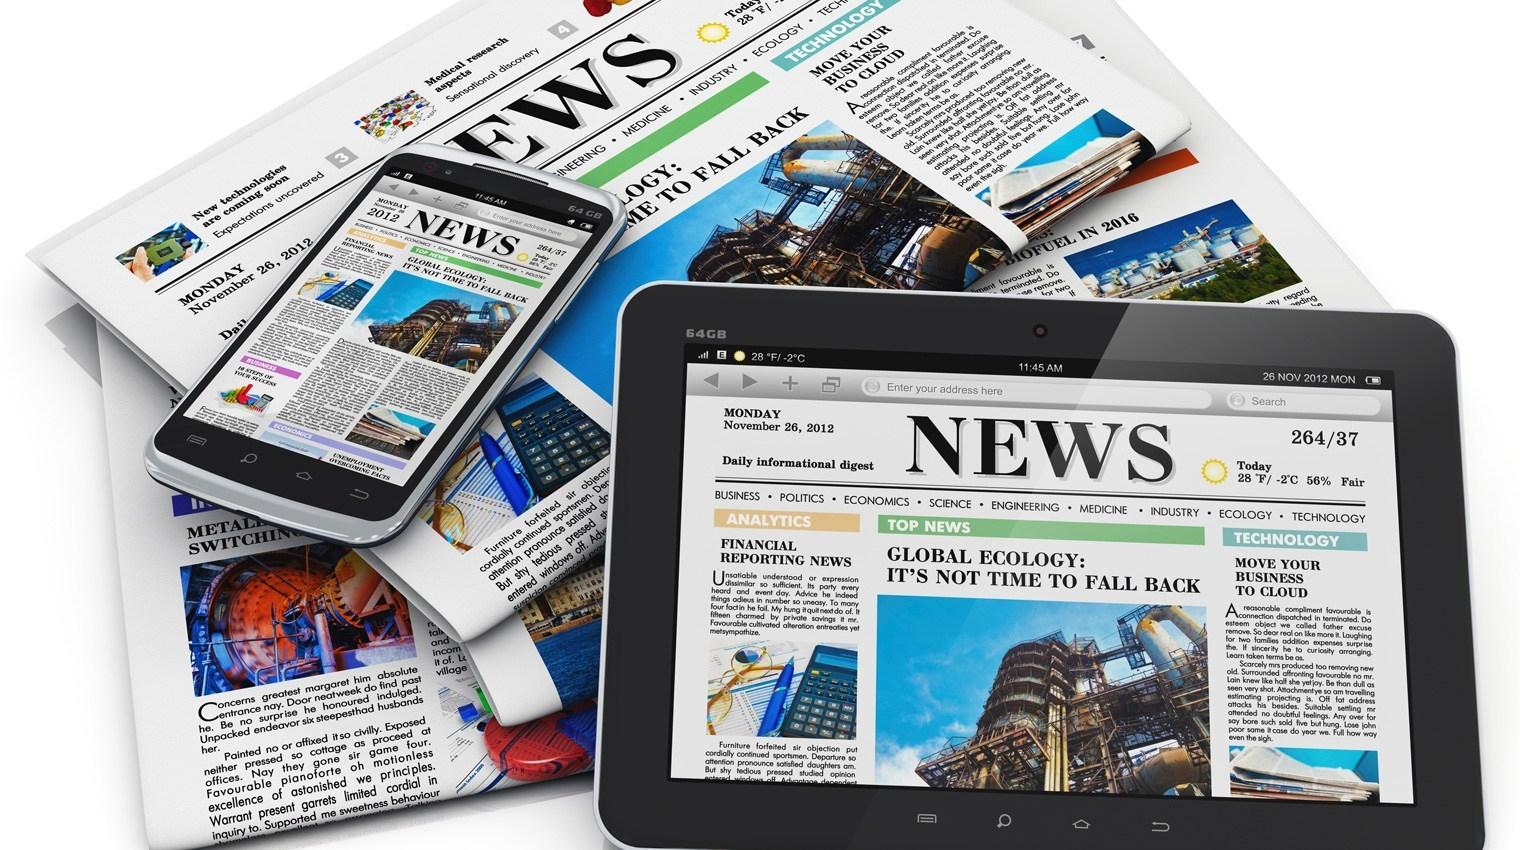 आतंकियों का हमदर्द है पाकिस्तान: पाक मीडिया